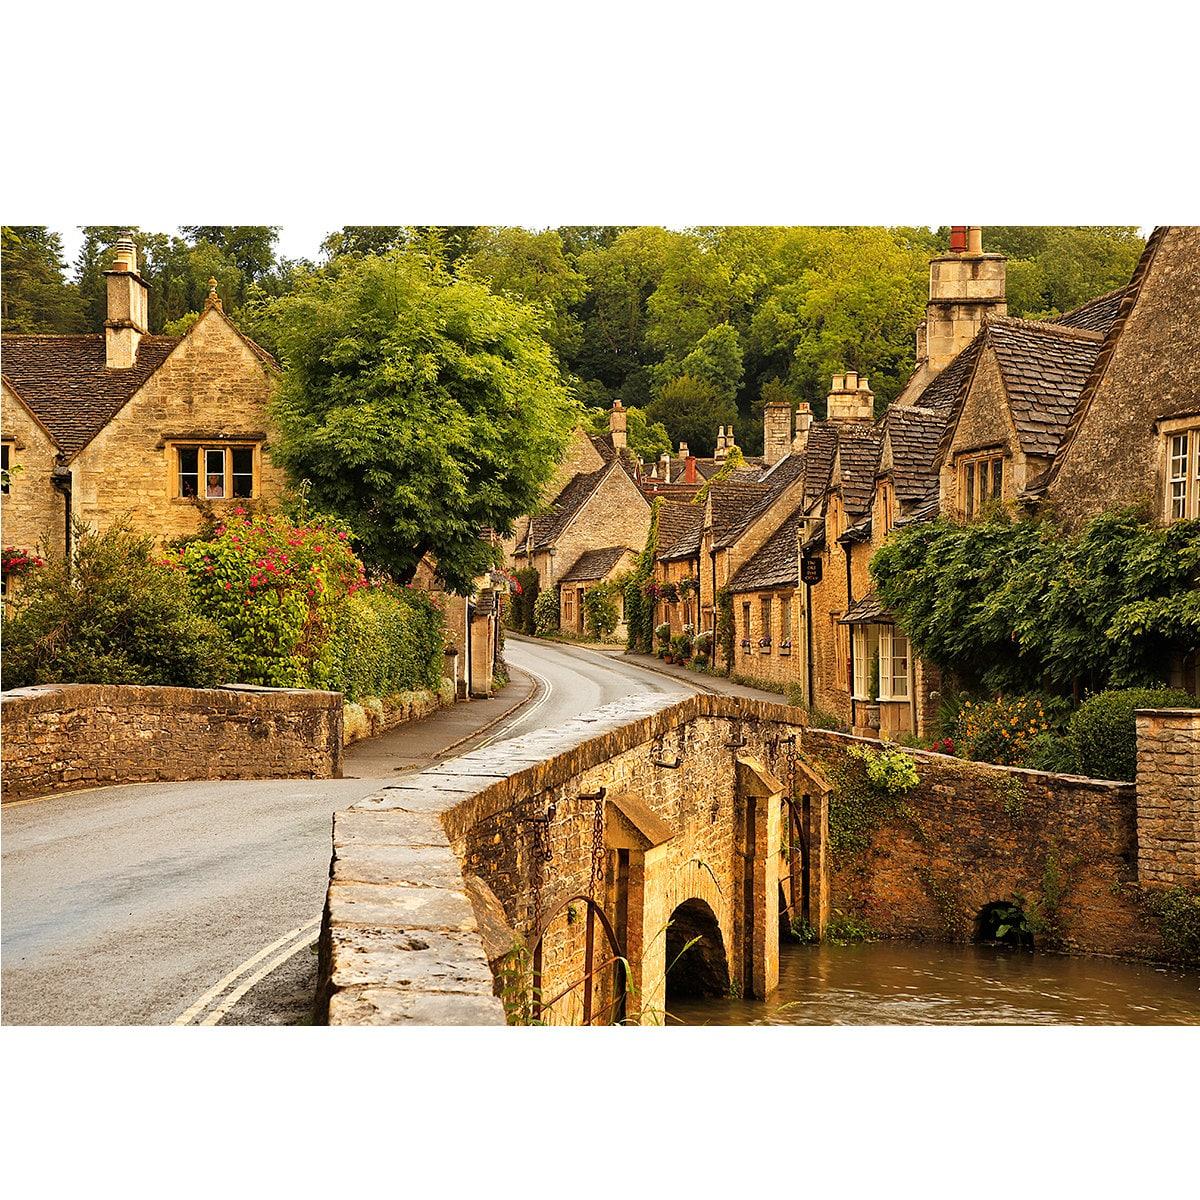 Cotswolds England Street Scene Quaint Village Quaint Village